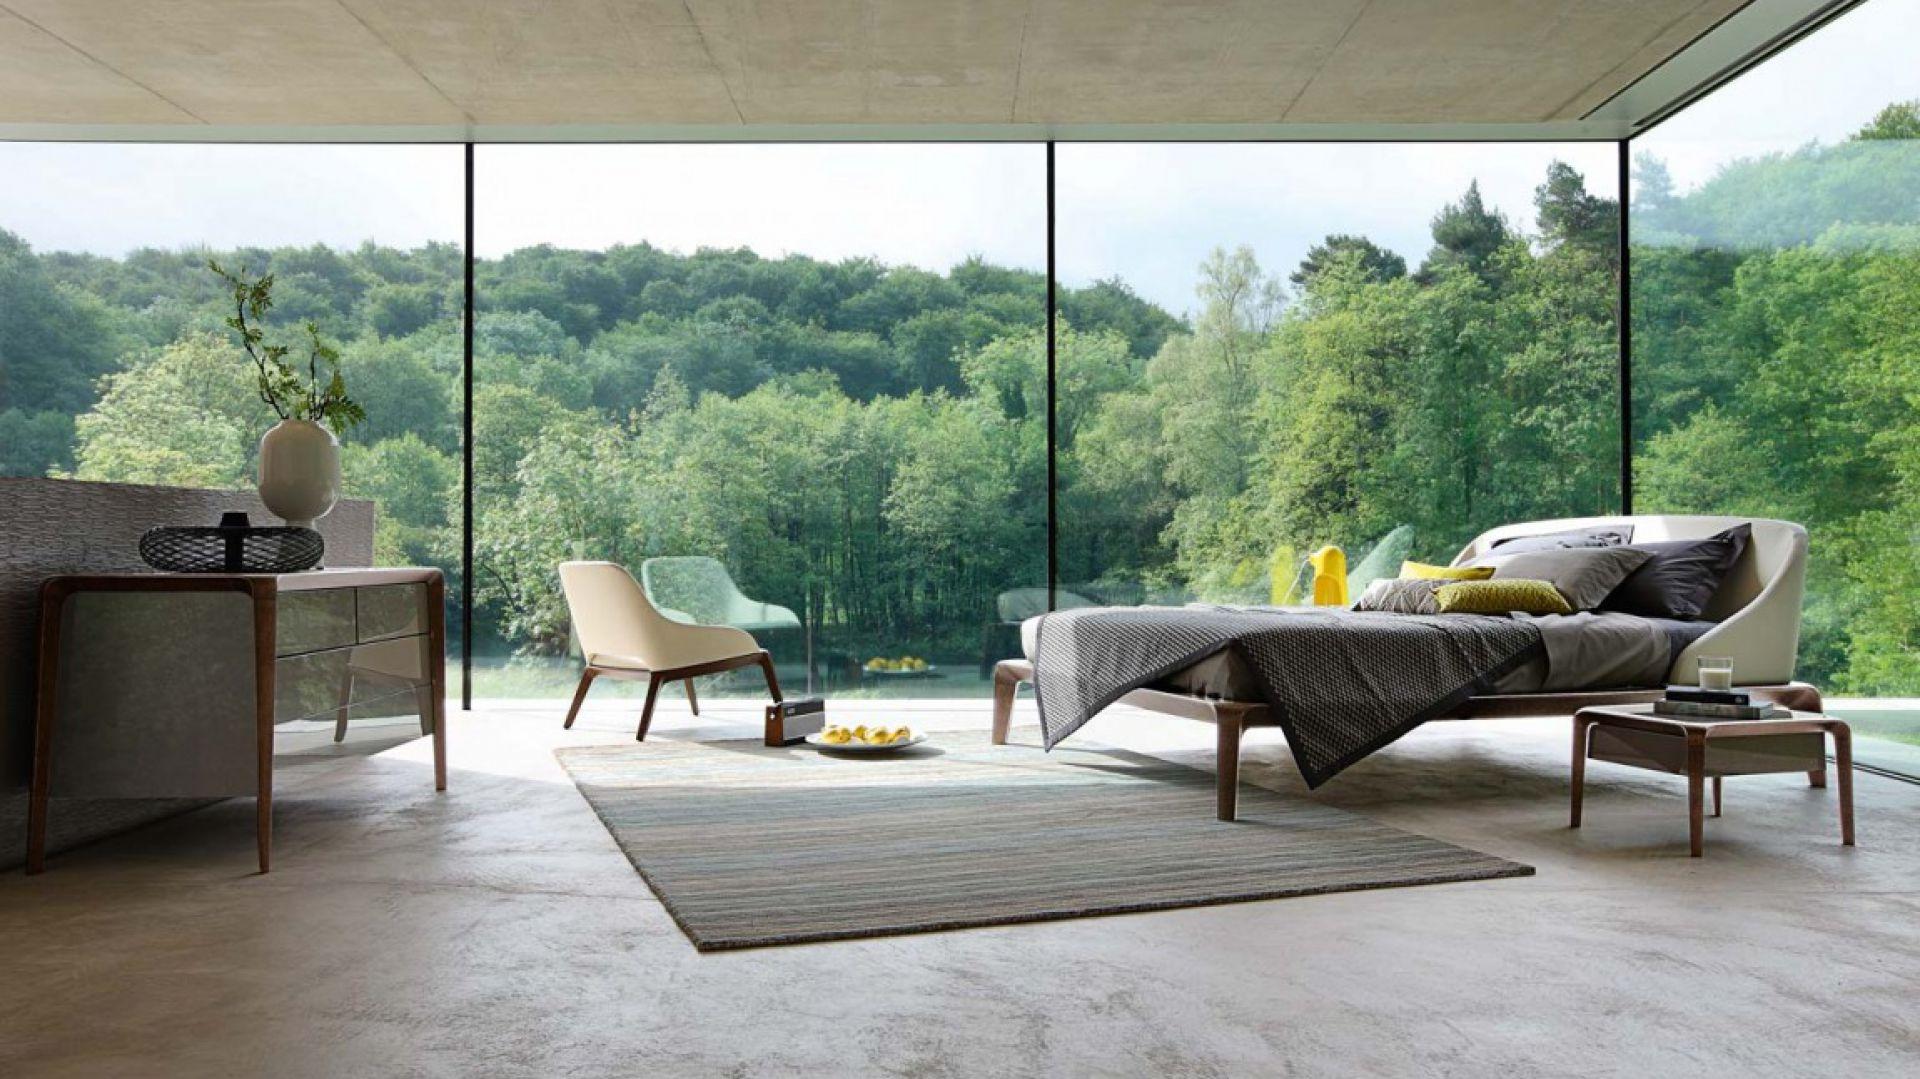 Łóżko Brio z tapicerowanym, profilowanym zagłówkiem. Posiada lekką podstawę, która we wnętrzu projektuje się wyjątkowo delikatnie. Projekt: Sacha Lakic. Fot. Roche Bobois.